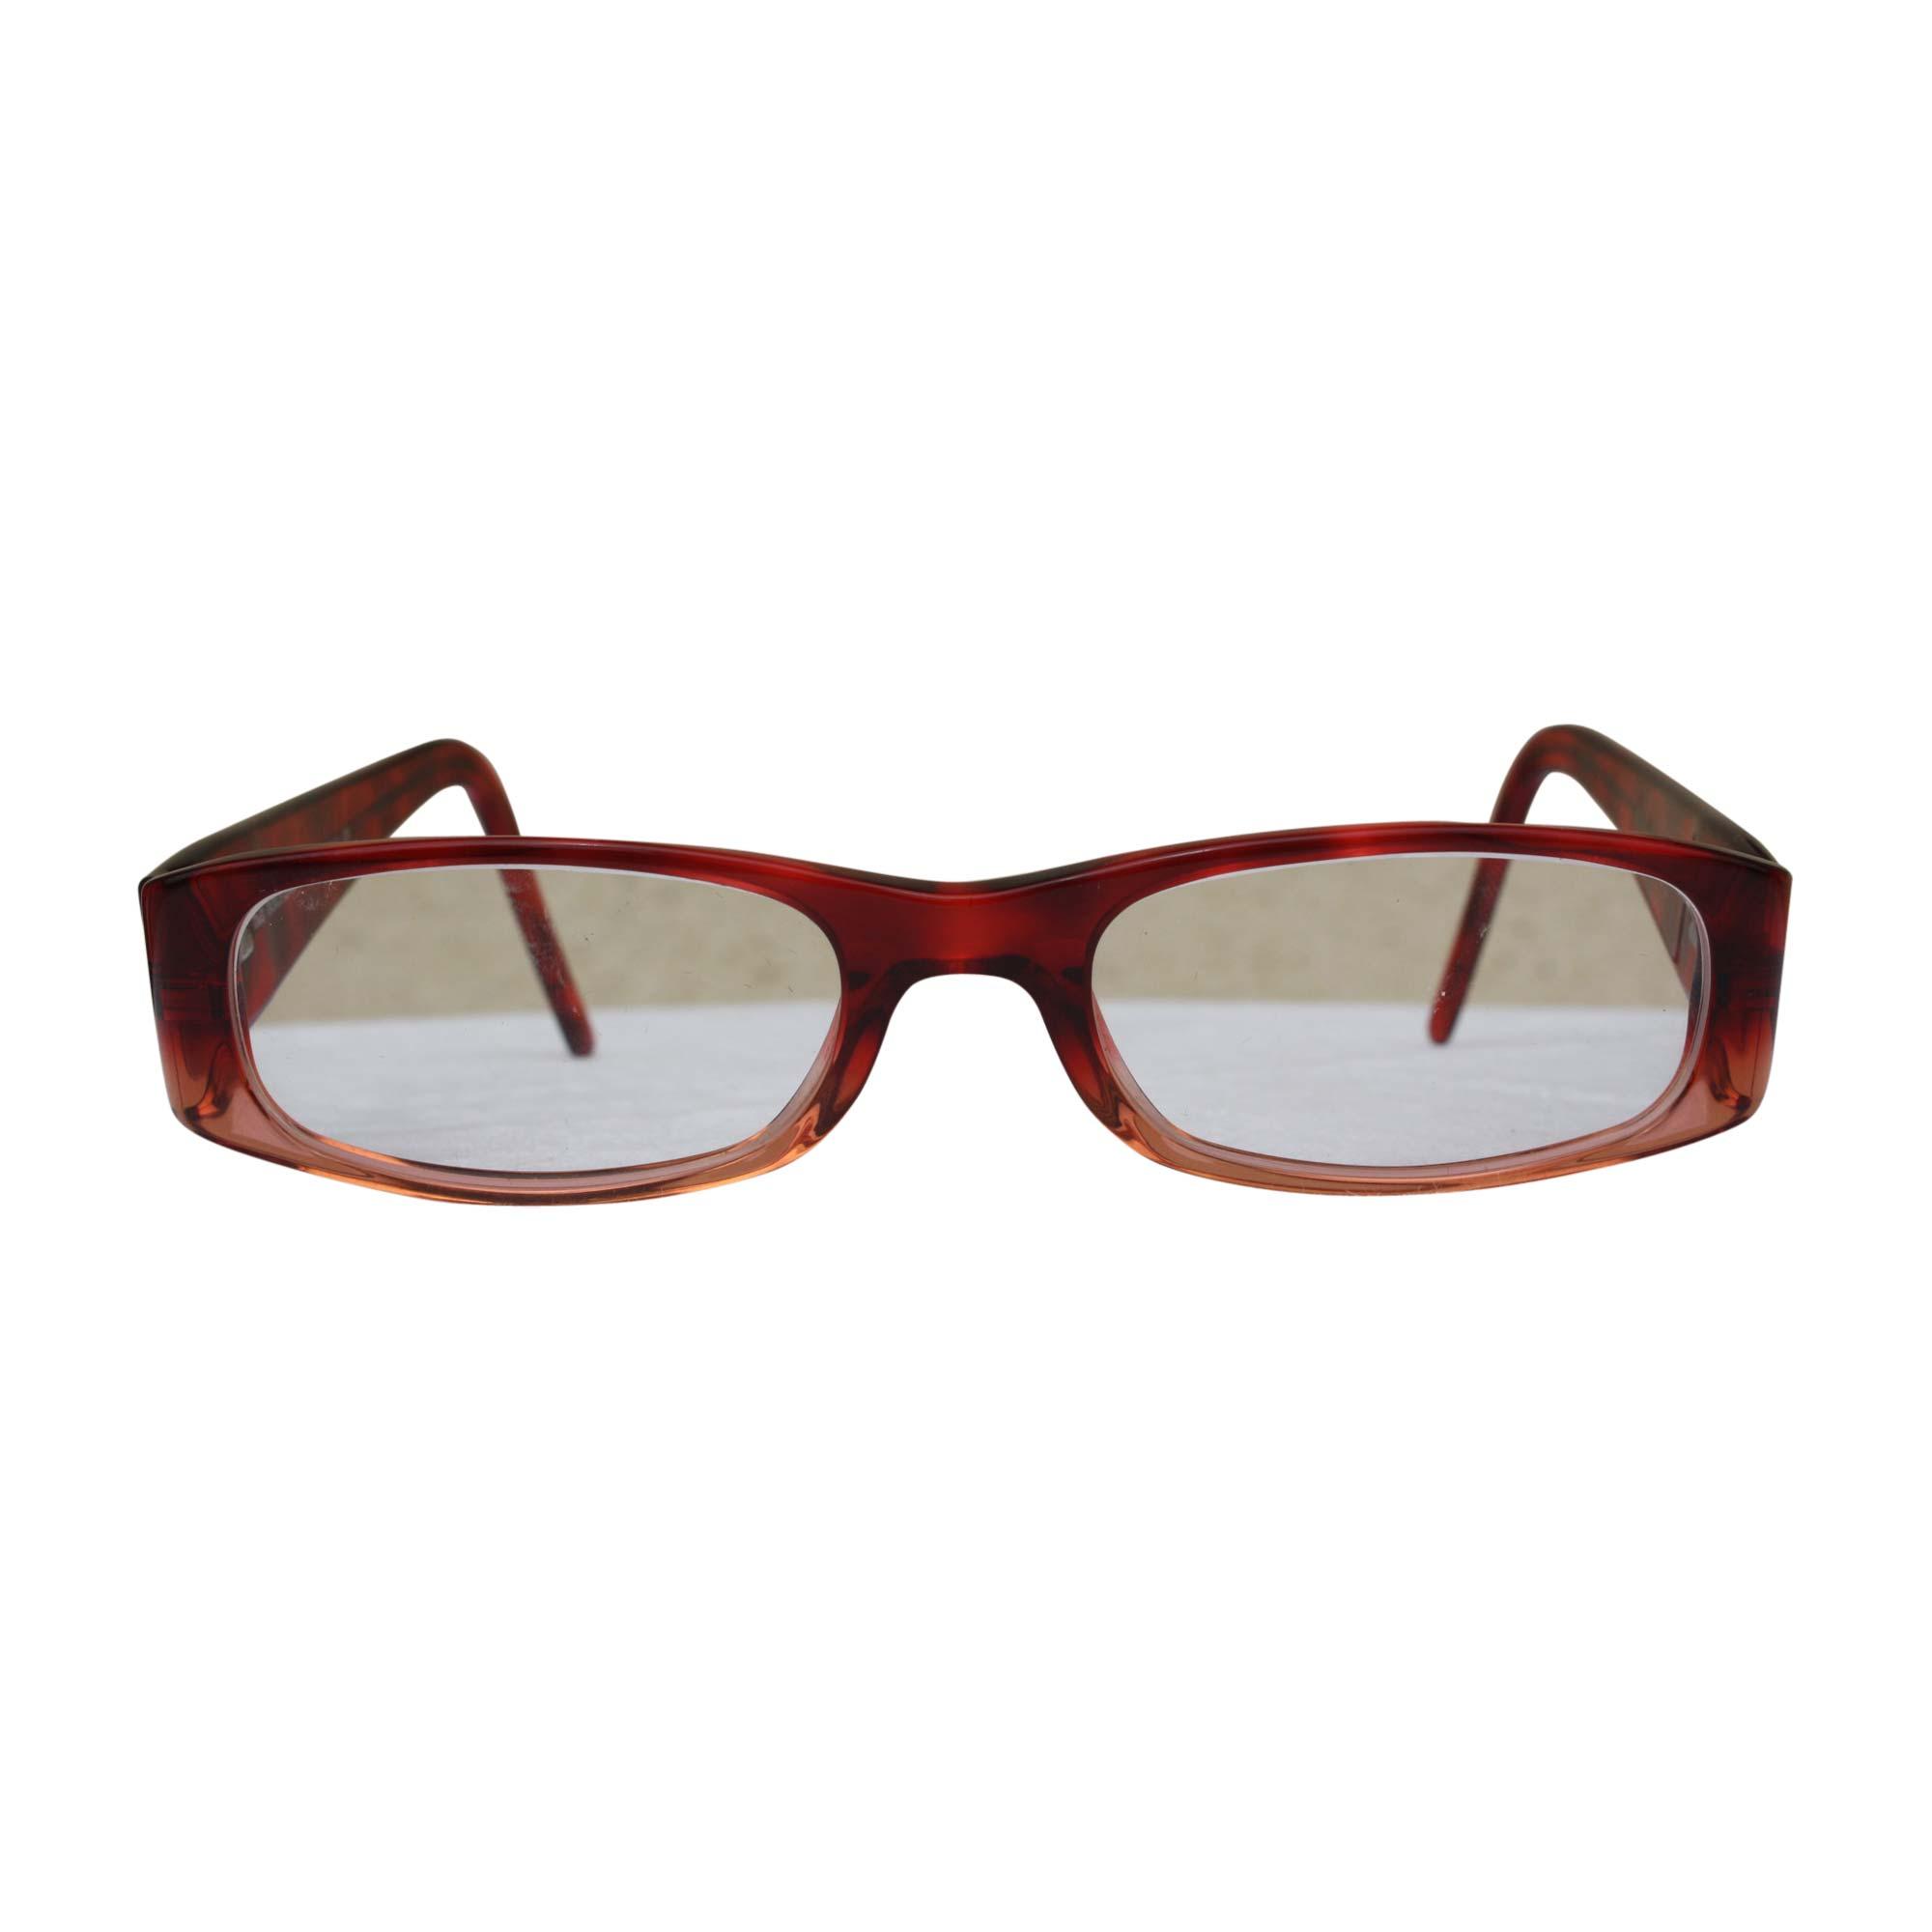 9c0e3380d6f72 Monture de lunettes DOLCE   GABBANA rouge - 6427667